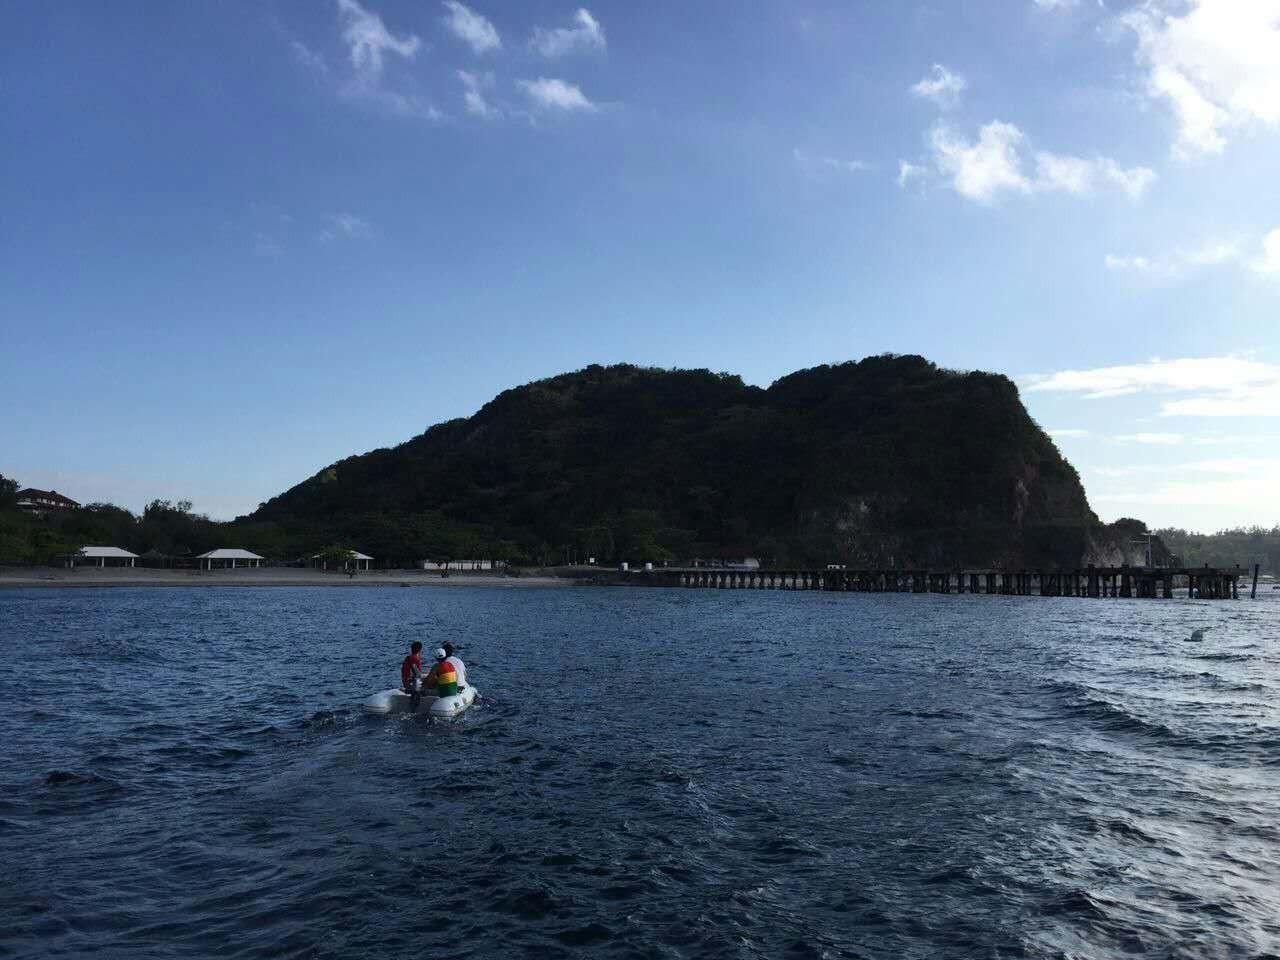 难忘的日落风帆,菲律宾极美海岛游记! aa5d0b4605a04a777187820346d86172.jpg